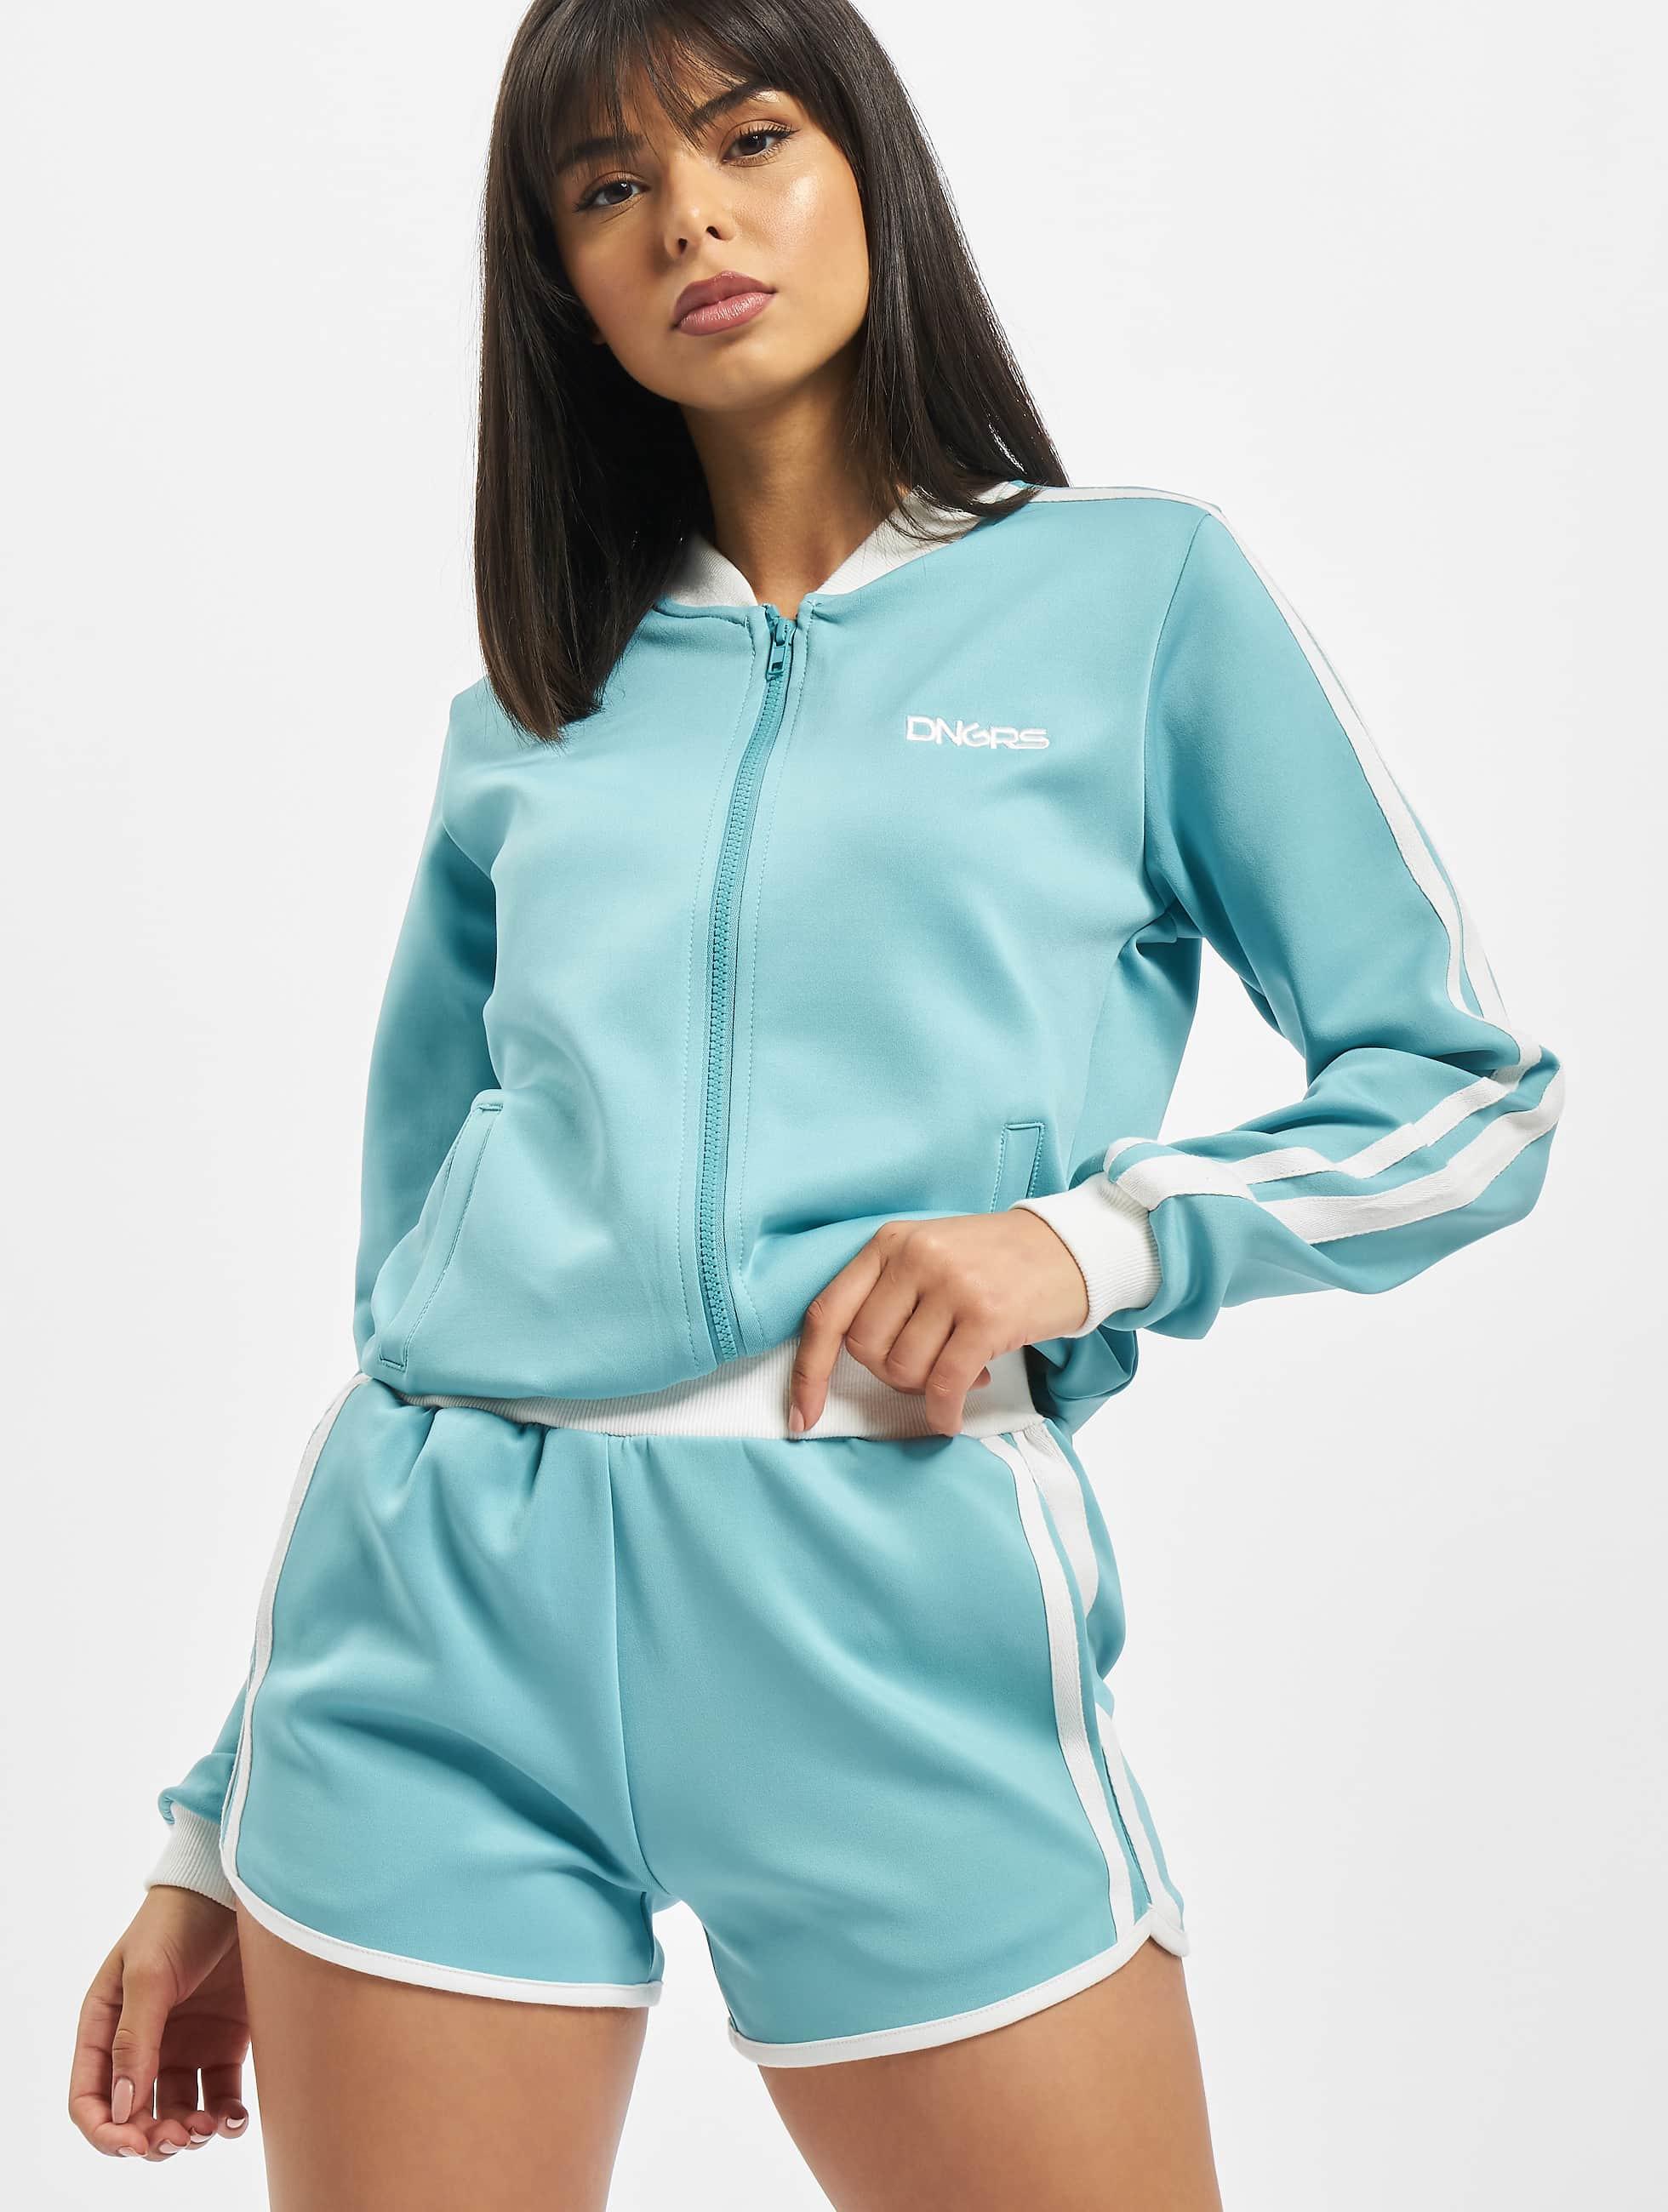 Dangerous DNGRS / Suits Hotsuit in blue XS